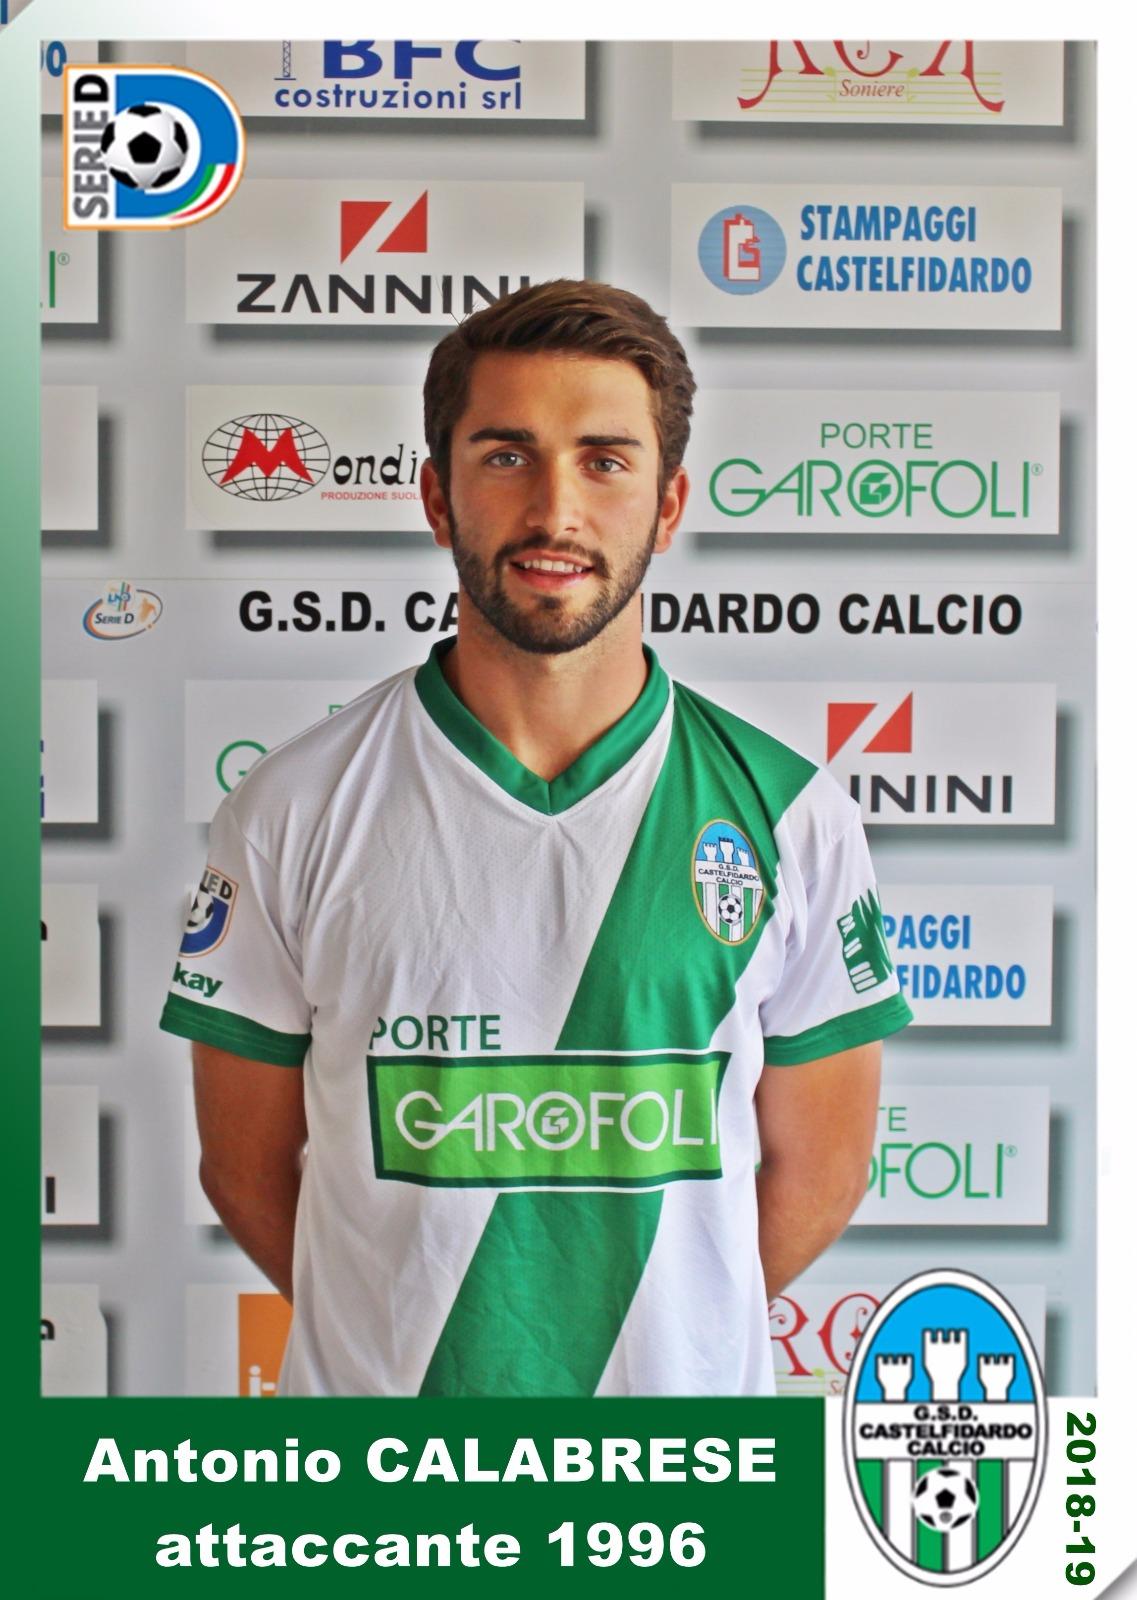 Antonio CALABRESE